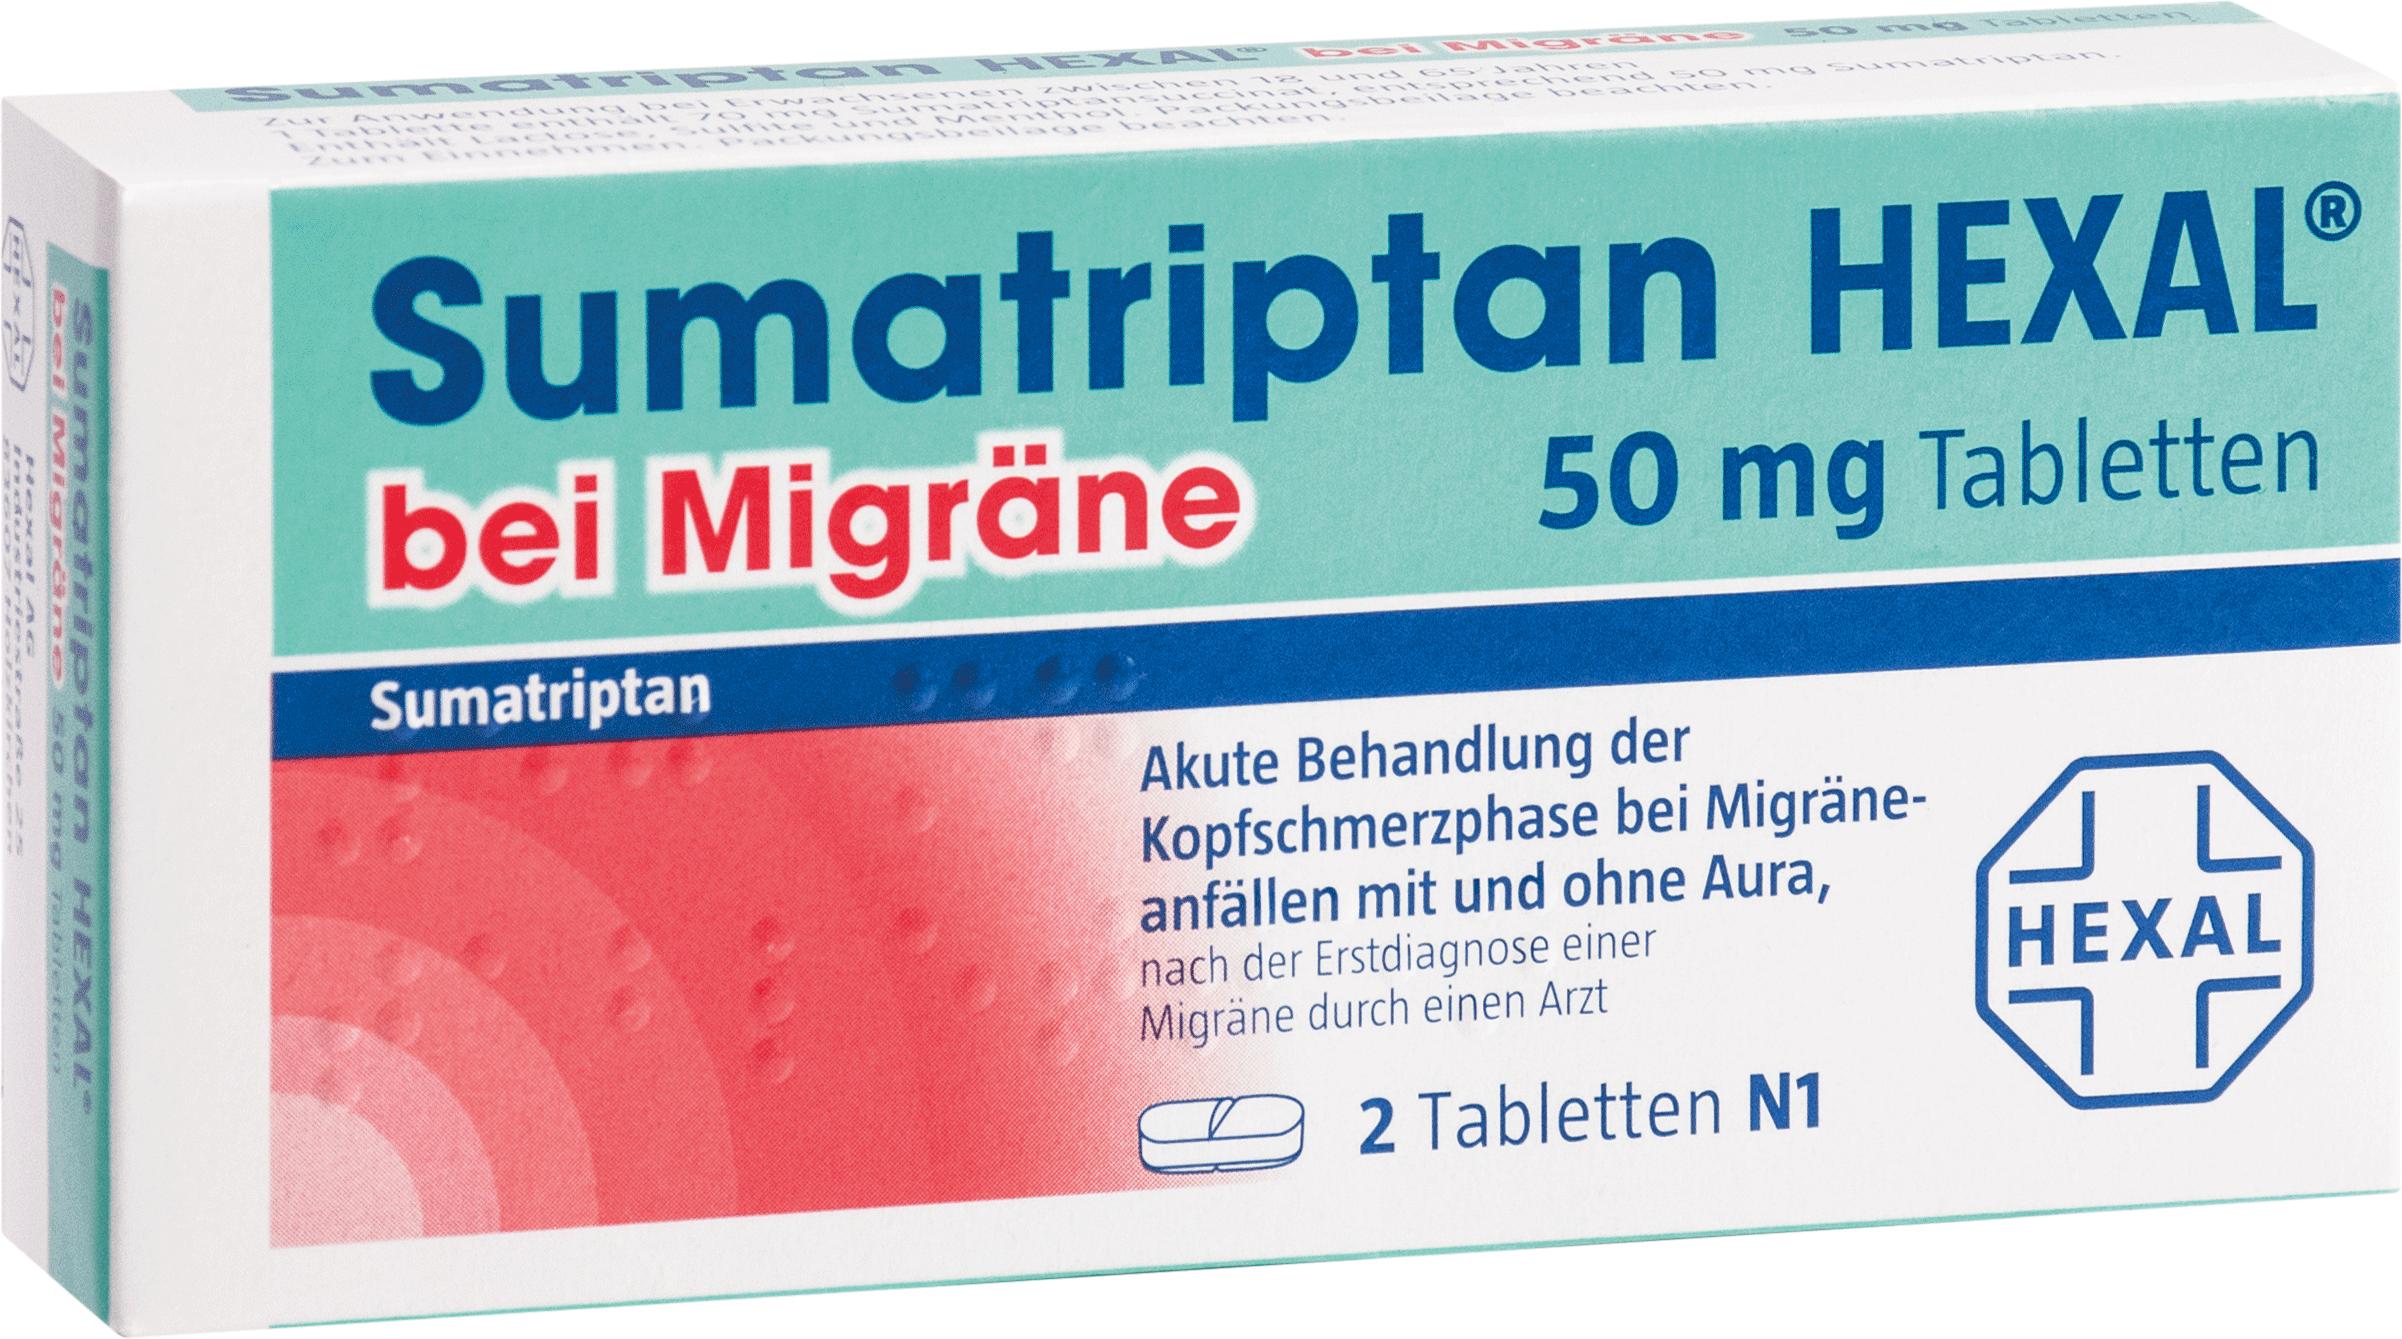 Sumatriptan HEXAL bei Migräne 50 mg Tabletten